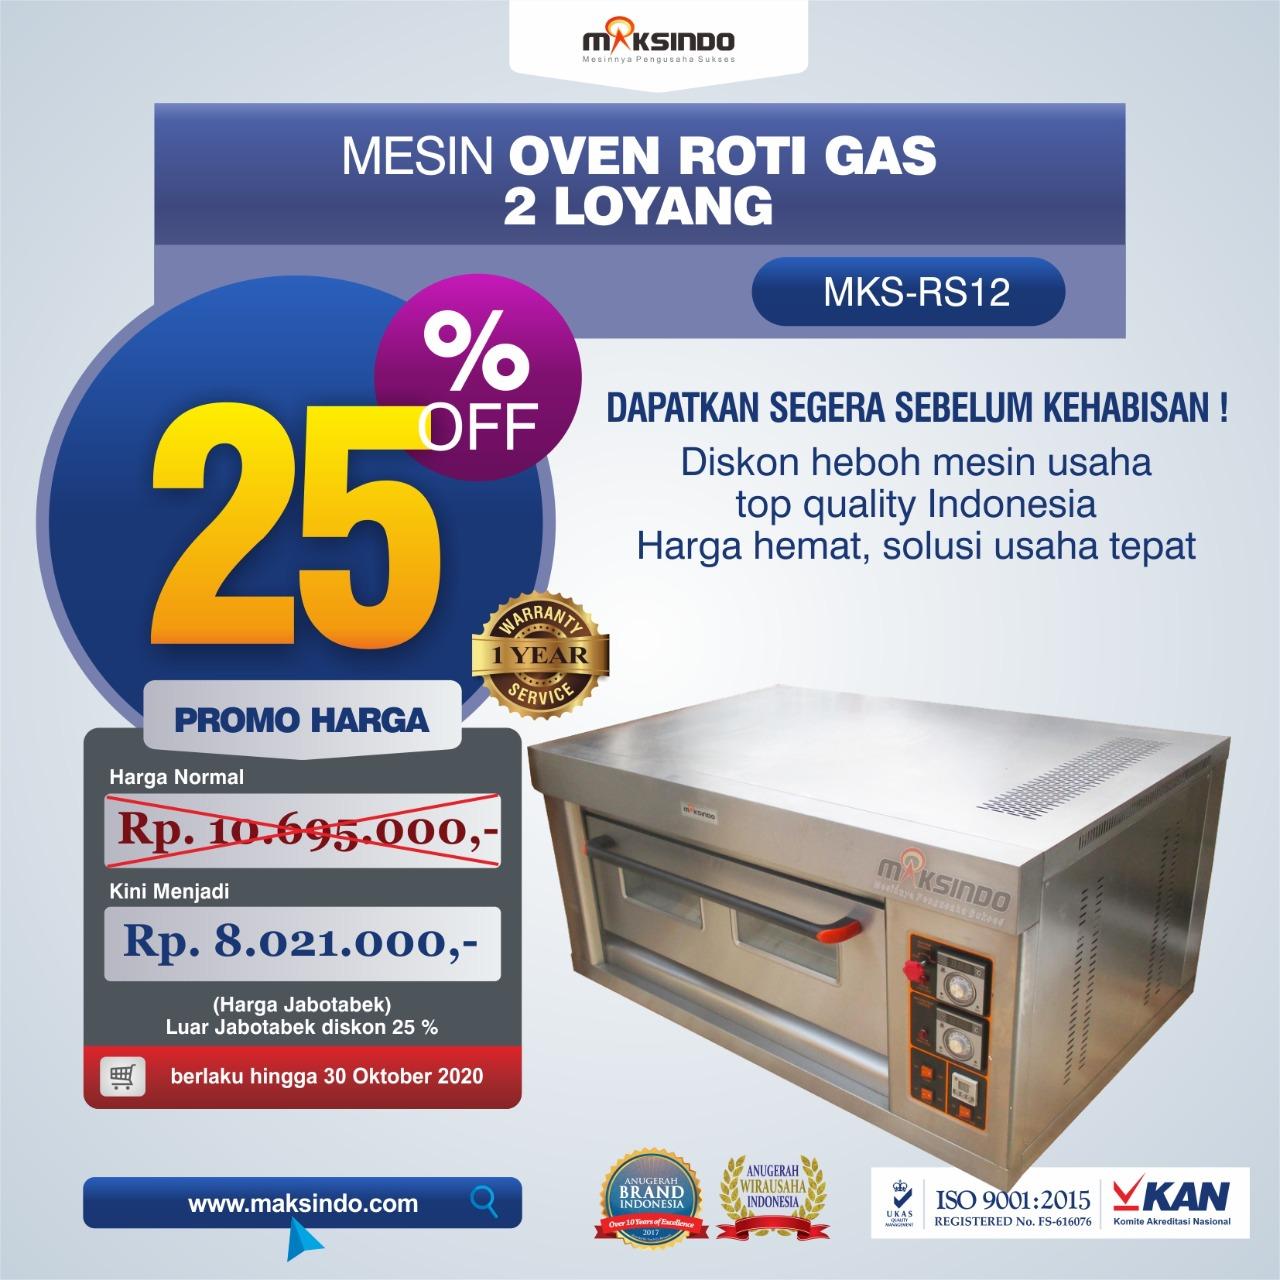 Jual Mesin Oven Roti Gas 2 Loyang (MKS-RS12) di Jakarta